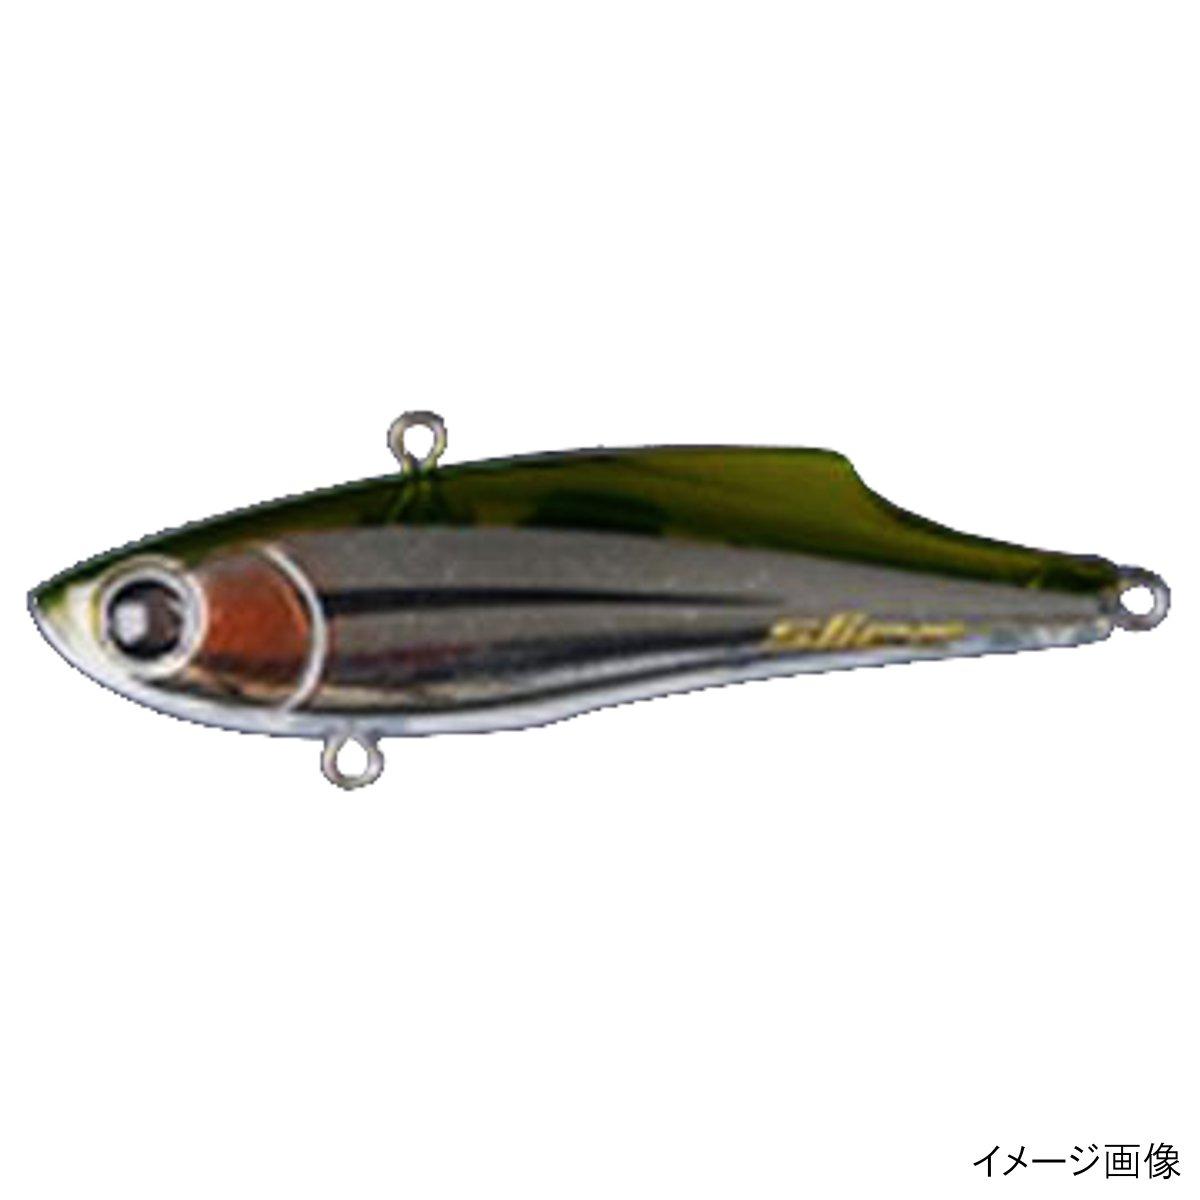 ヤマリア スライス 70 20H(ケイムラキビナゴ)(東日本店)